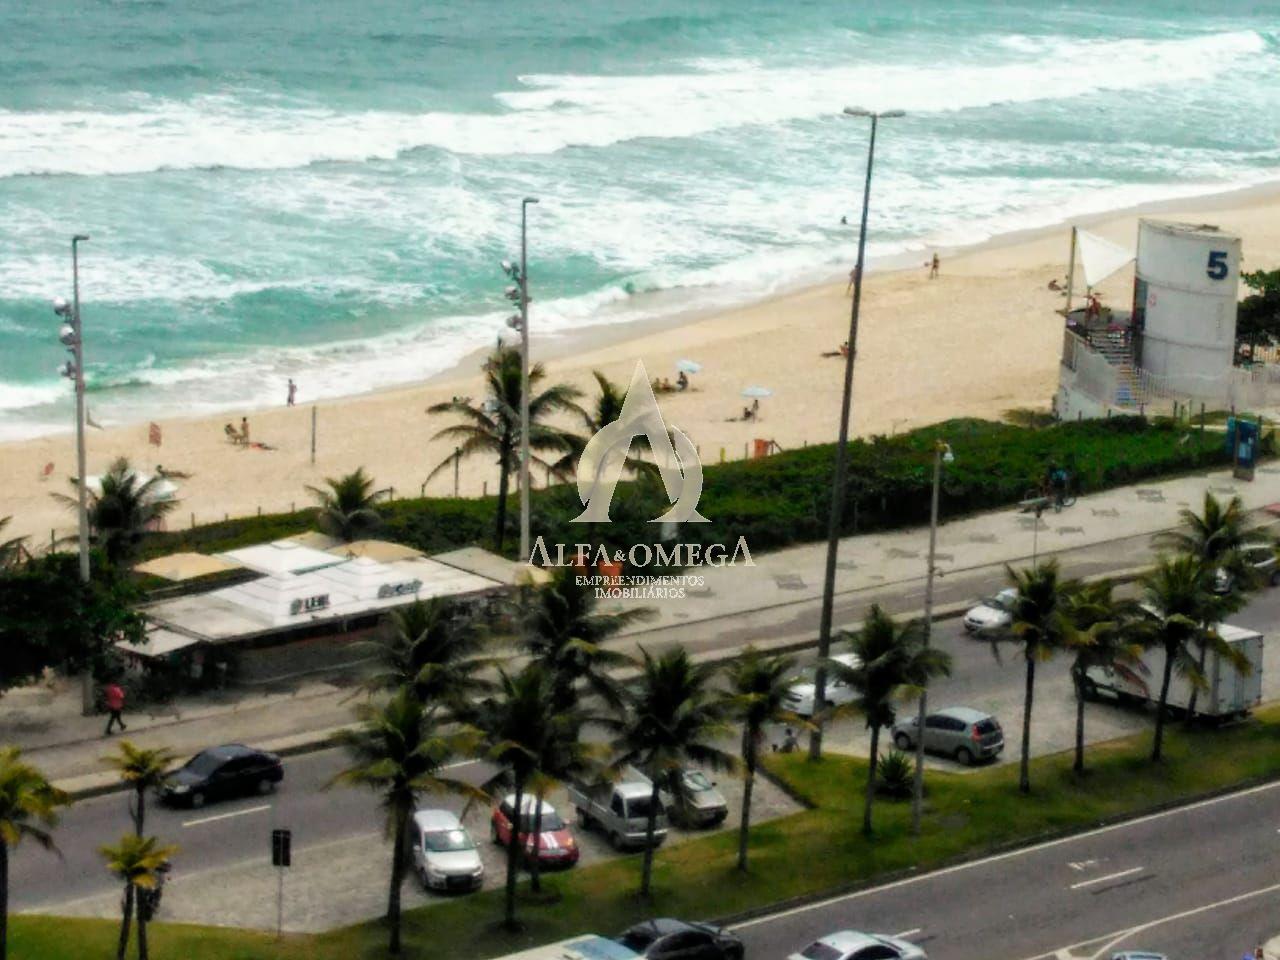 FOTO 2 - Apartamento Barra da Tijuca,Rio de Janeiro,RJ À Venda,2 Quartos,75m² - AO20380 - 2